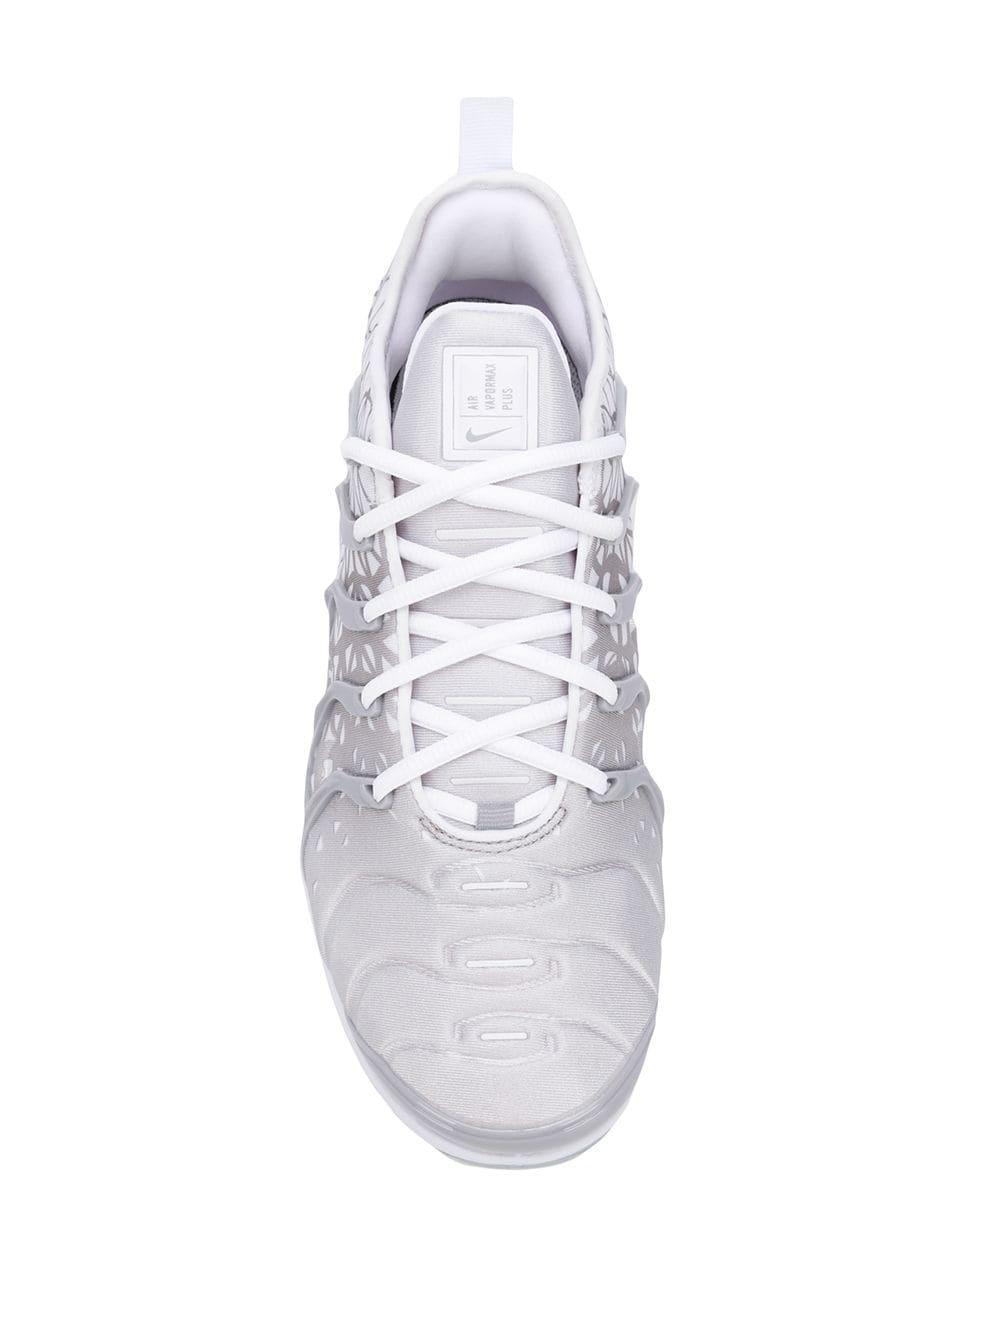 Baskets Air VaporMax Plus Caoutchouc Nike pour homme en coloris Gris